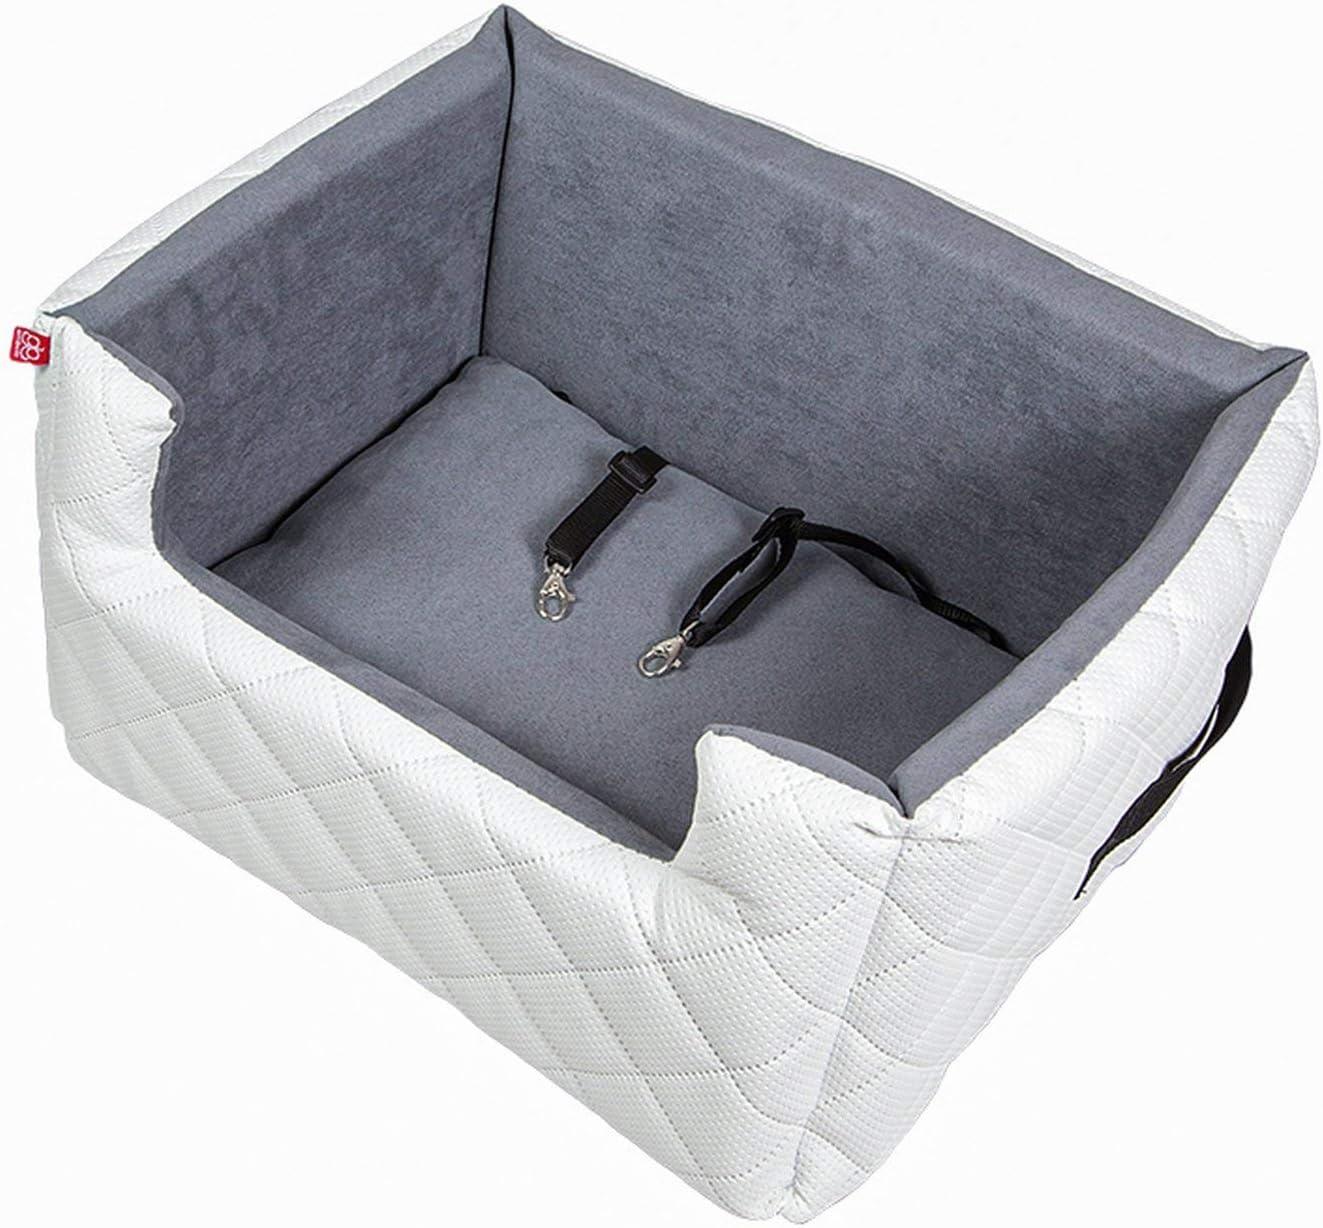 wasserdichtes Material Deluxe Lookout Safe Autositz Autotransporter f/ür Hundekatzen bis 30 Pfund Aufblasbares Auto-Haustier-Zusatzsitz f/ür Hunde oder Katzen